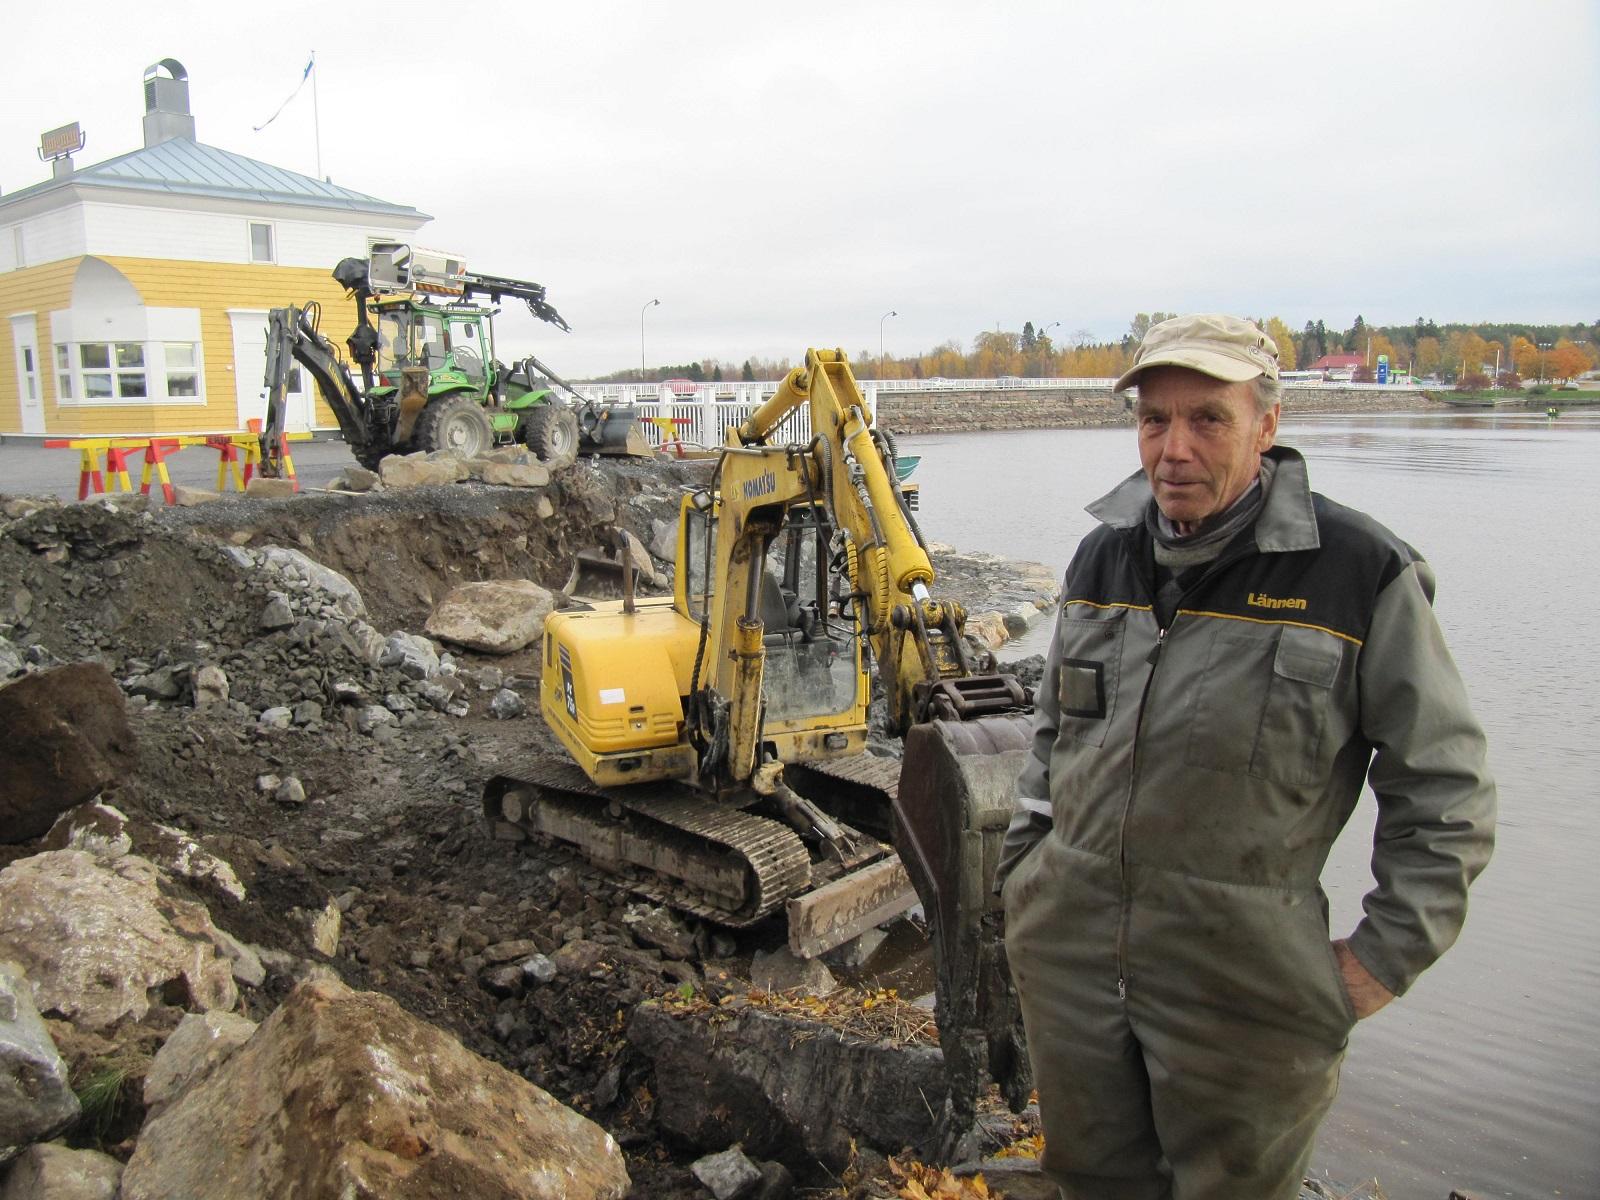 """Så här """"båsåt å oräidit"""" kan det se ut då Jukka påbörjar ett större arbete. Hösten 2014 höll han på med två grävmaskiner utanför nuvarande Jungmans restaurang vid Sjögatan."""